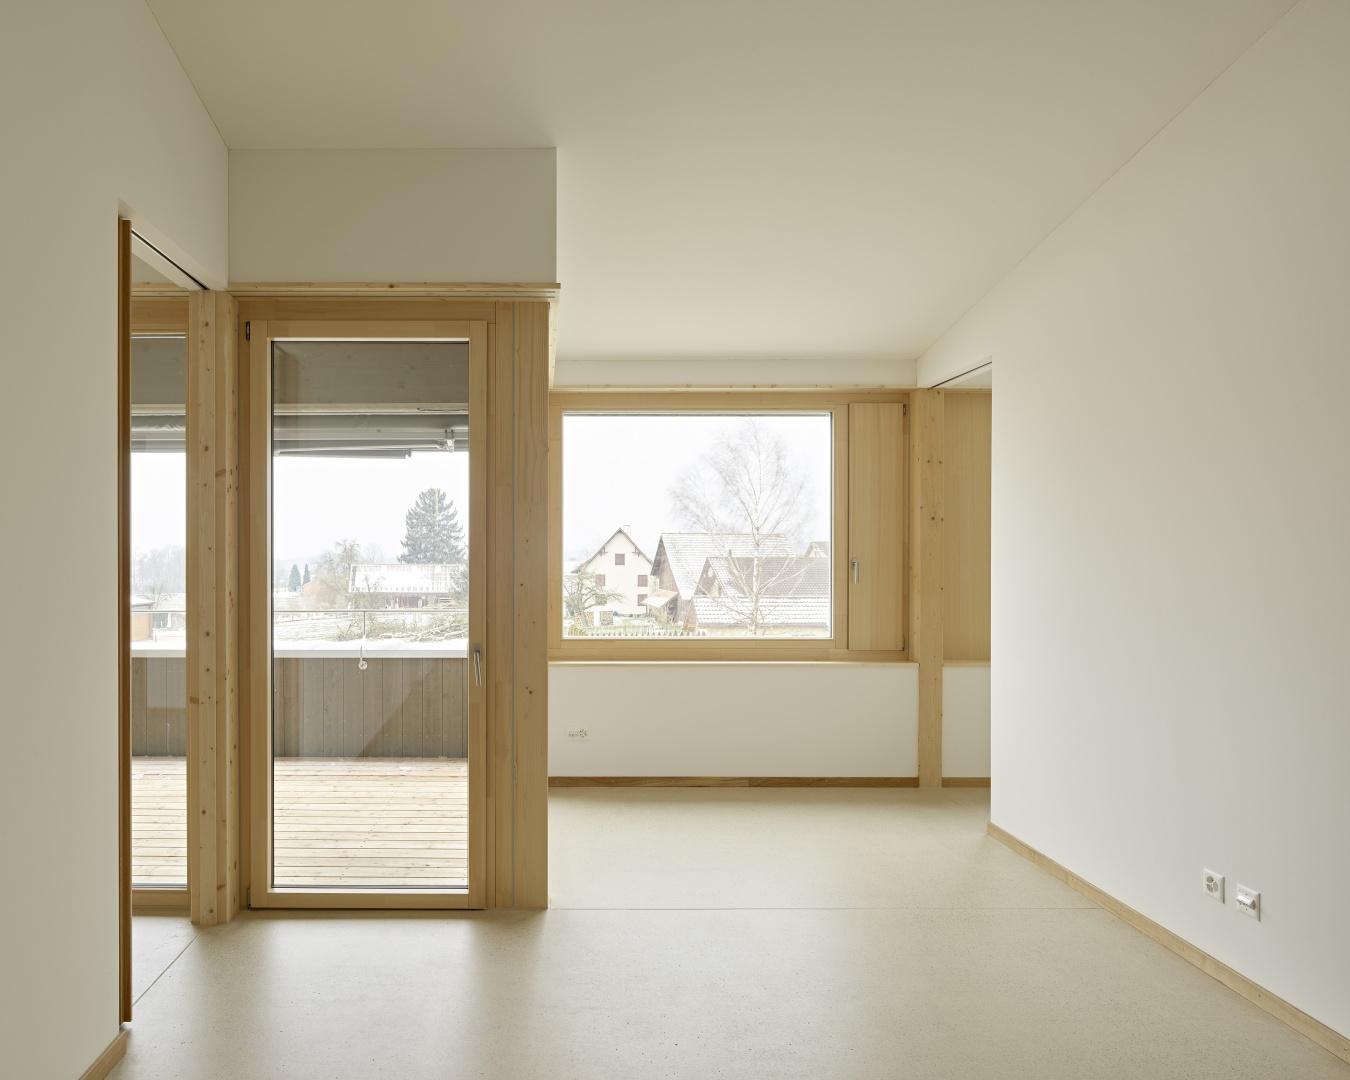 Wohnung OG02 Wohnen © Antoniol + Huber + Partner, Zürcherstrasse 125, 8500 Frauenfeld